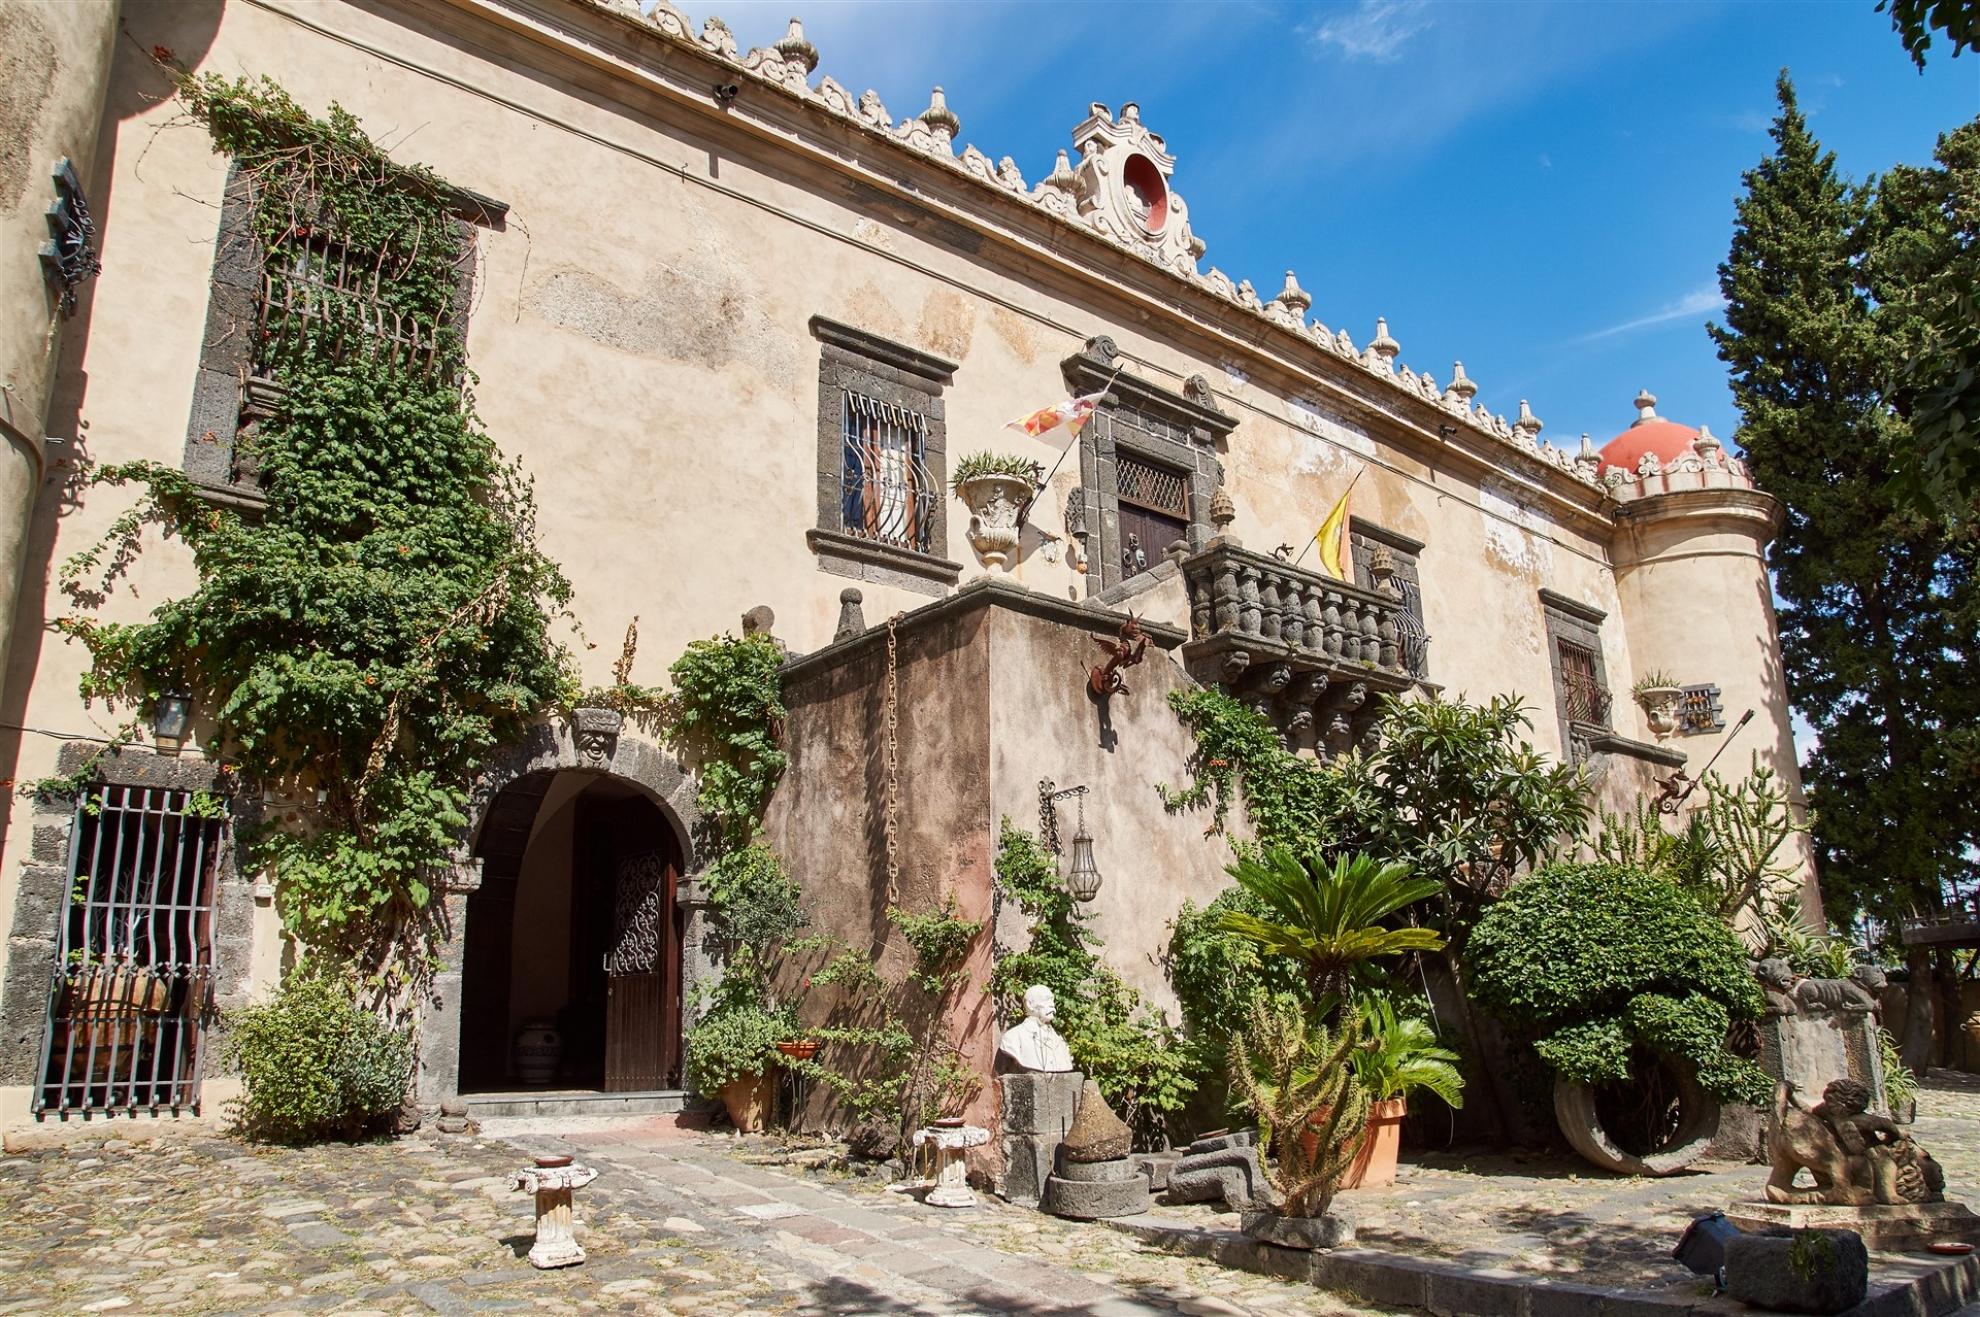 Castello di San Marco - Hotel, Calatabiano